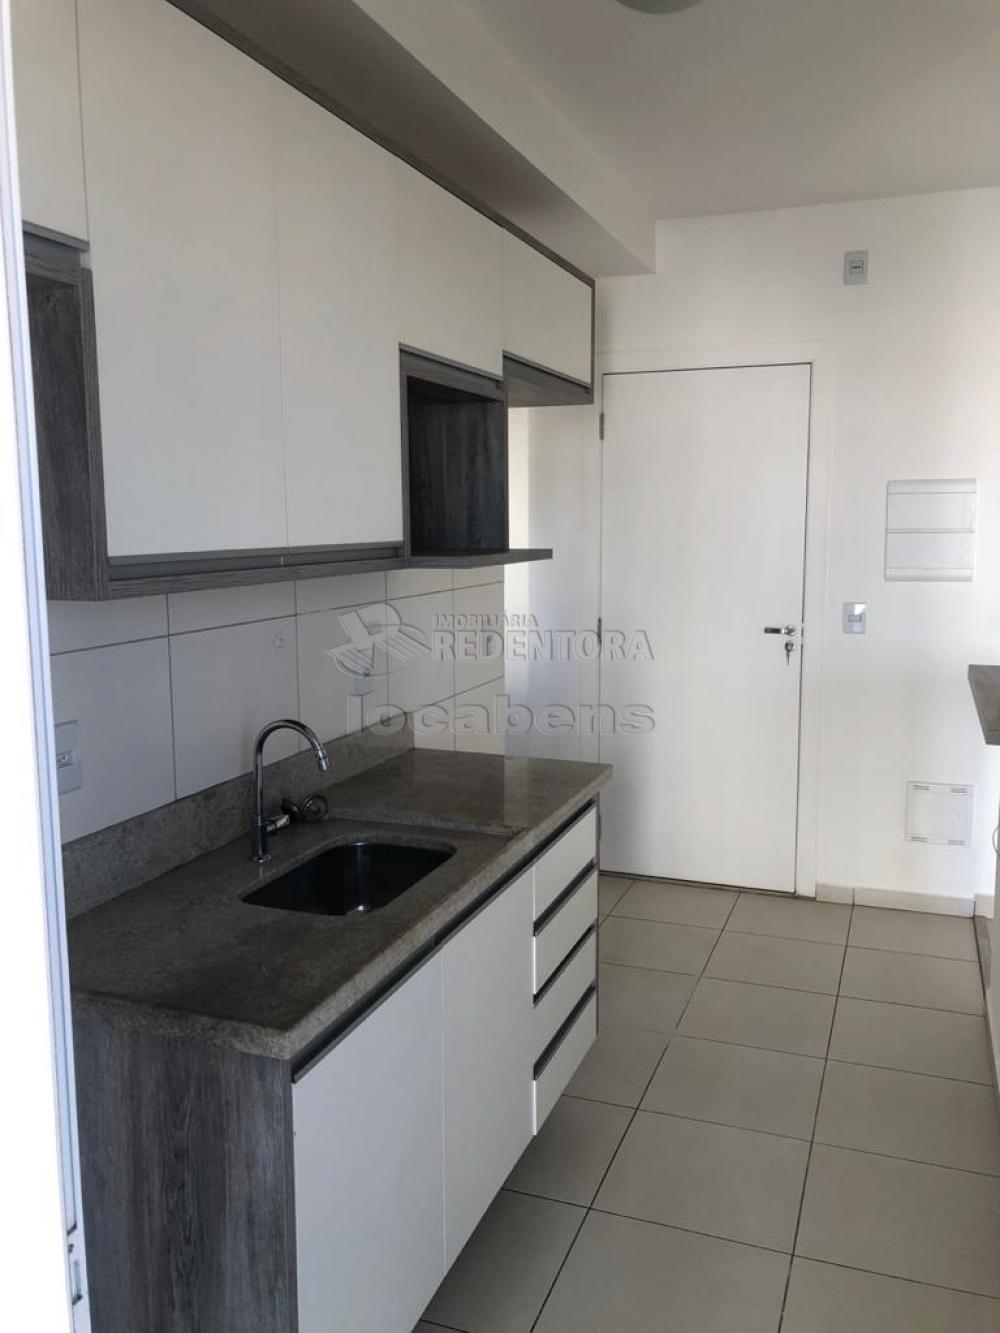 Alugar Apartamento / Padrão em São José do Rio Preto apenas R$ 2.000,00 - Foto 6